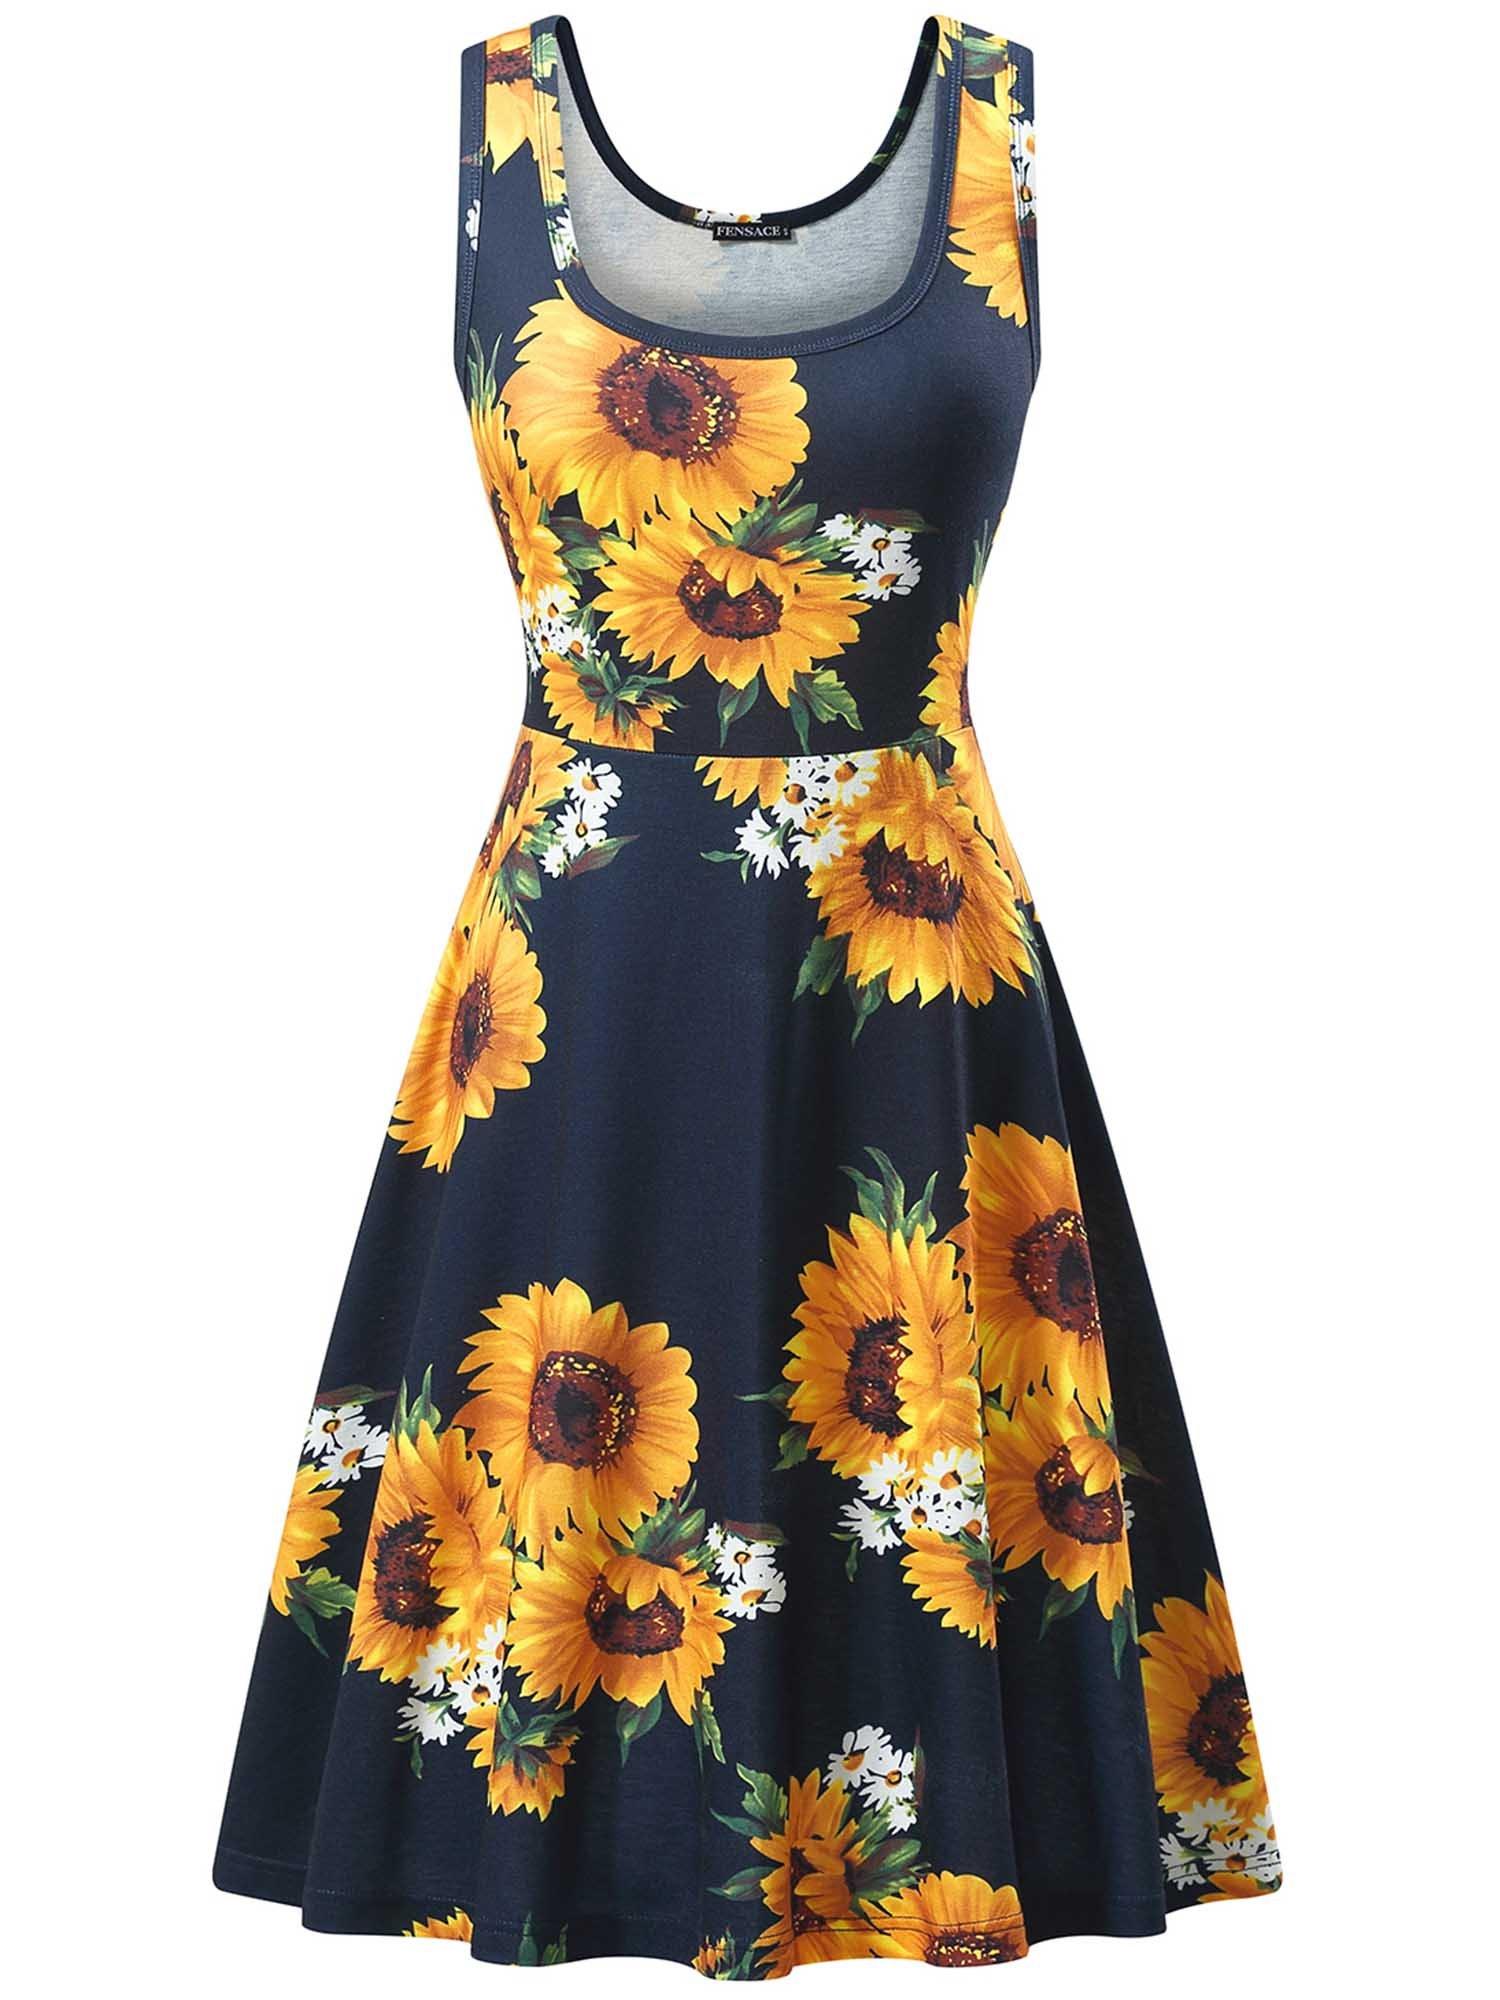 FENSACE Women's Sleeveless Summer Casual Beach Dress